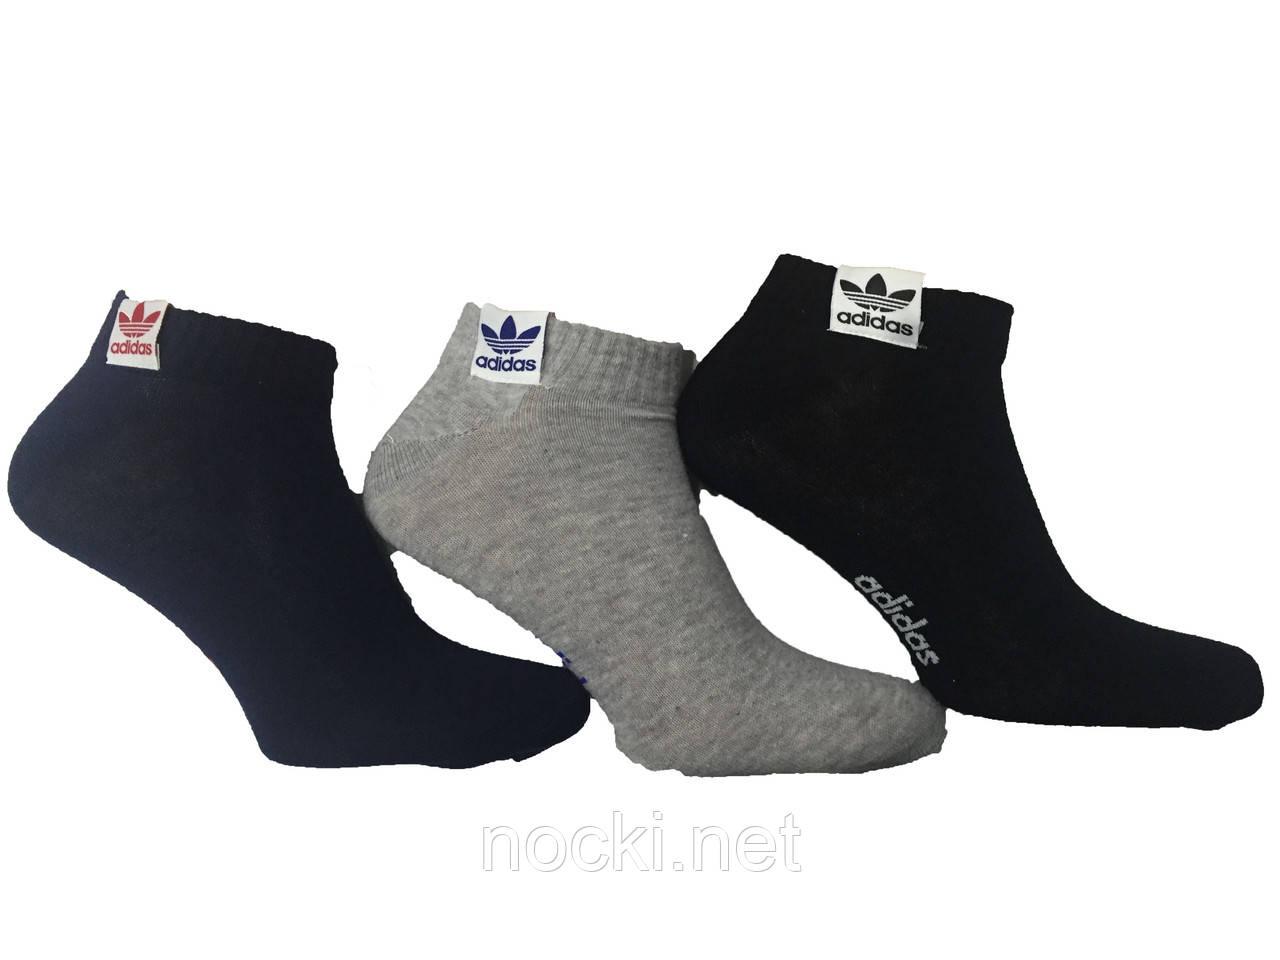 f9ac229bc4af Носки мужские хлопок спорт низкие укороченные Adidas(Адидас) пр-во Турция:  продажа, ...